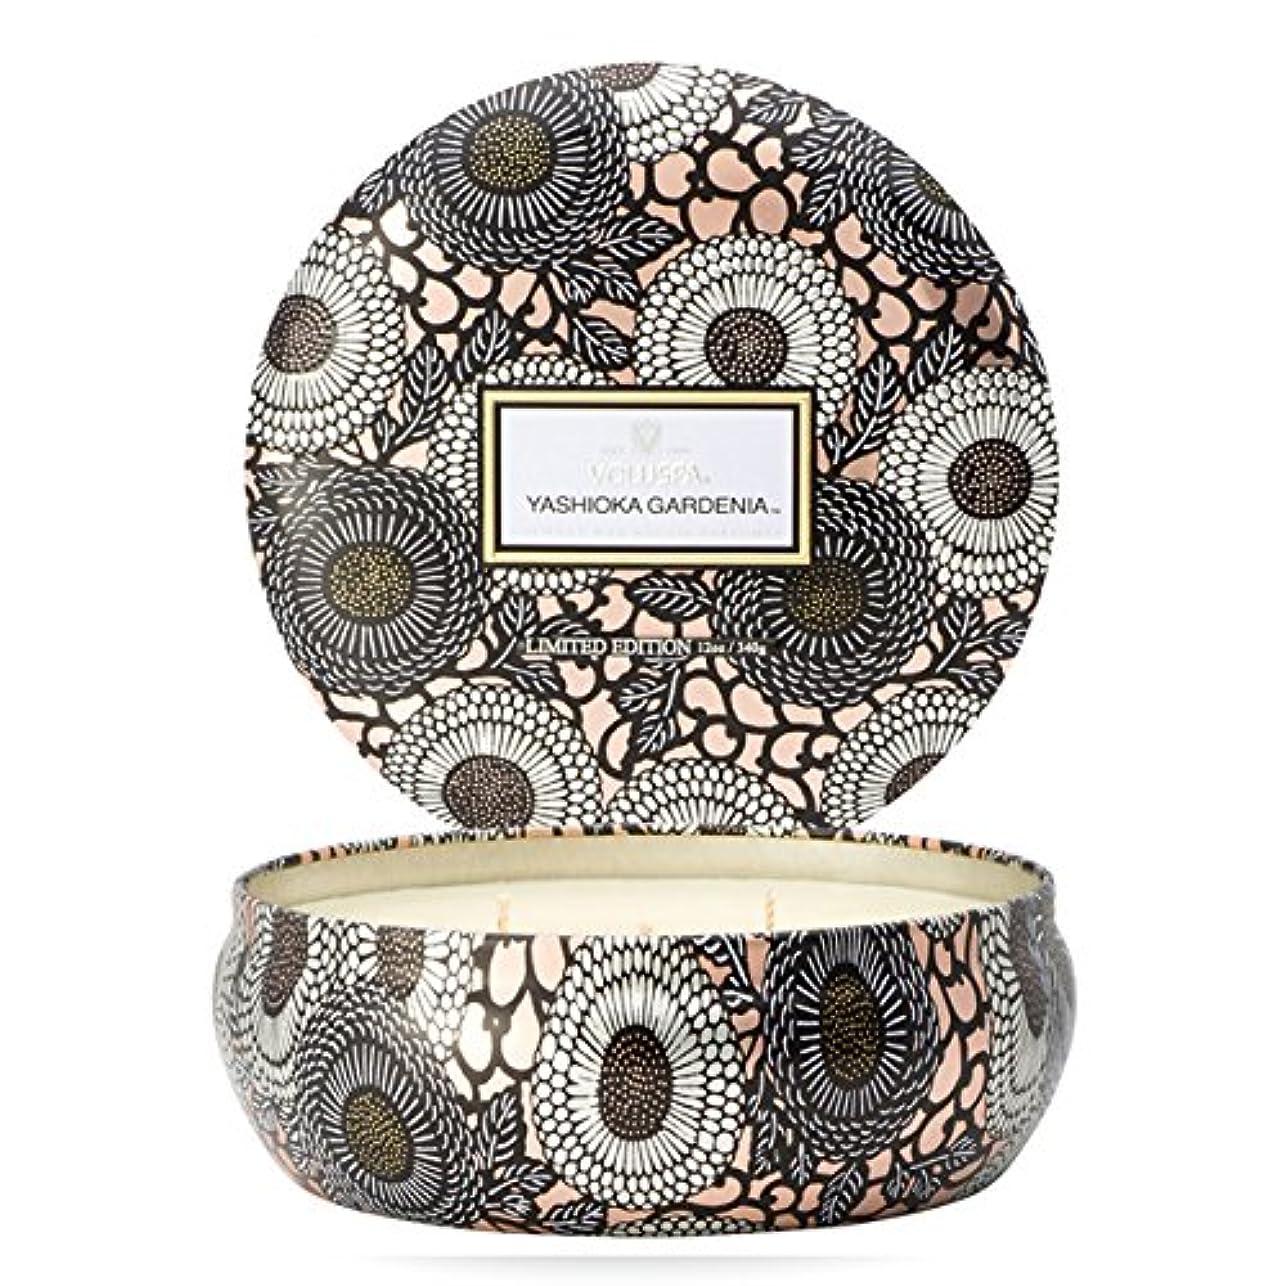 紳士気取りの、きざな上げる協会Voluspa ボルスパ ジャポニカ リミテッド 3-Wick ティンキャンドル  ヤシオカガーデニア YASHIOKA GARDENIA JAPONICA Limited 3-ウィック Tin Glass Candle